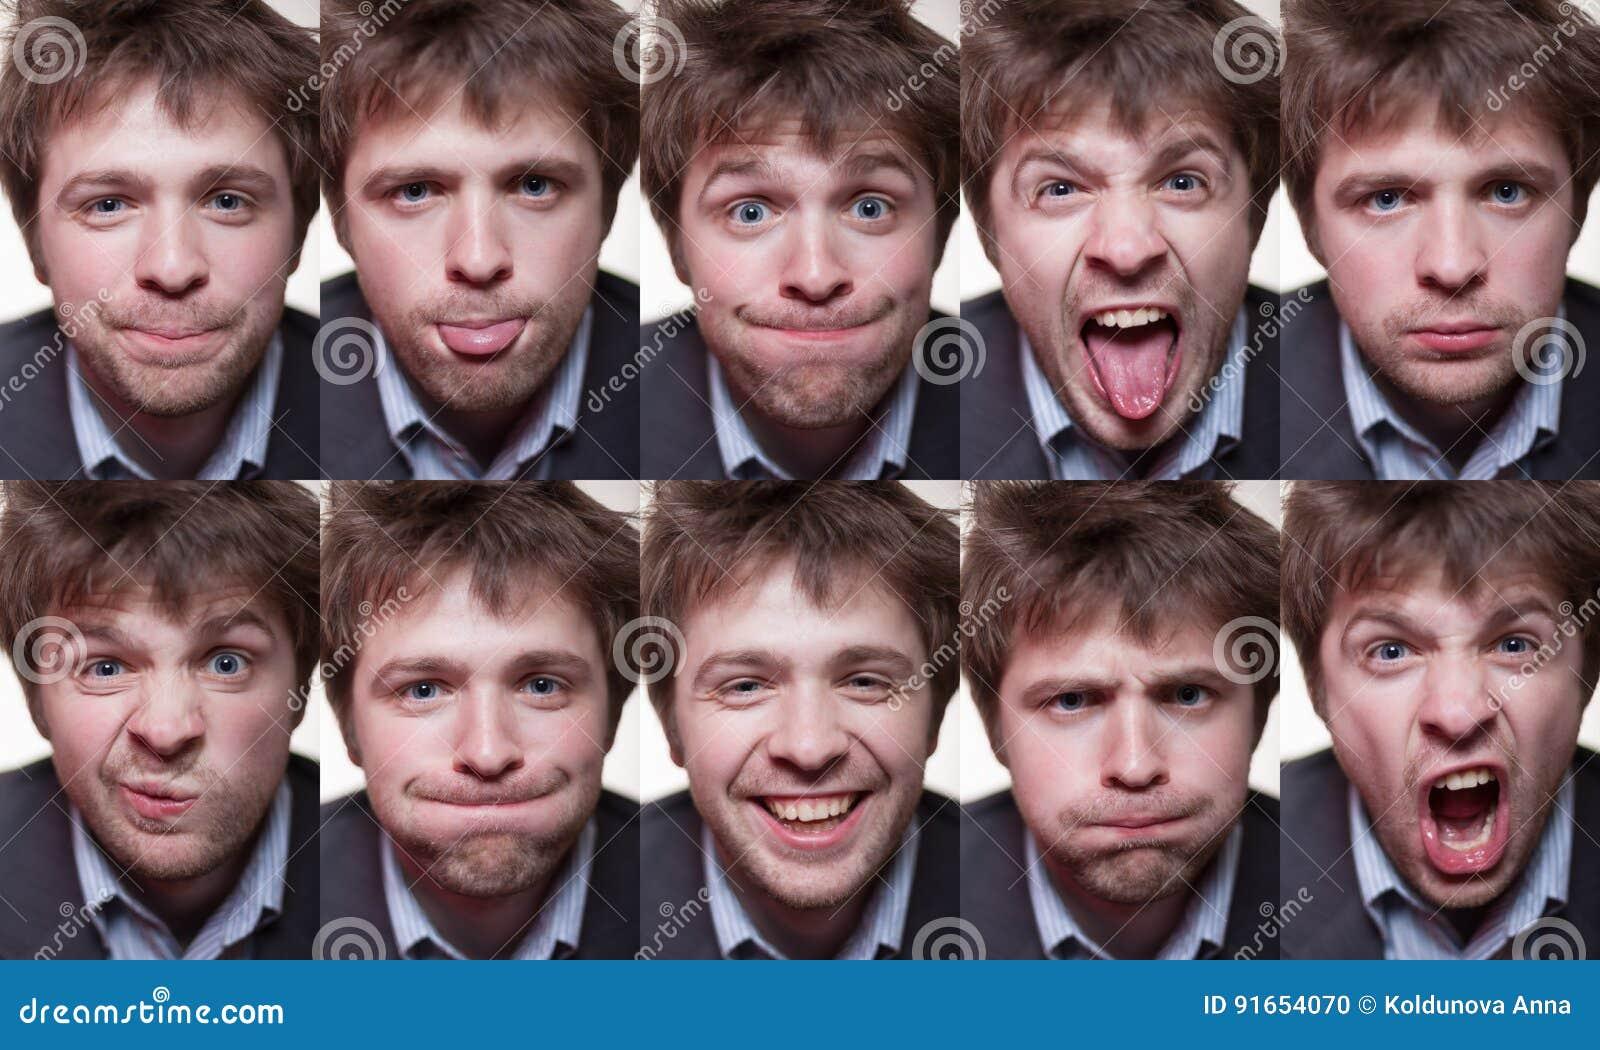 Une série de portraits émotifs de jeune homme hirsute